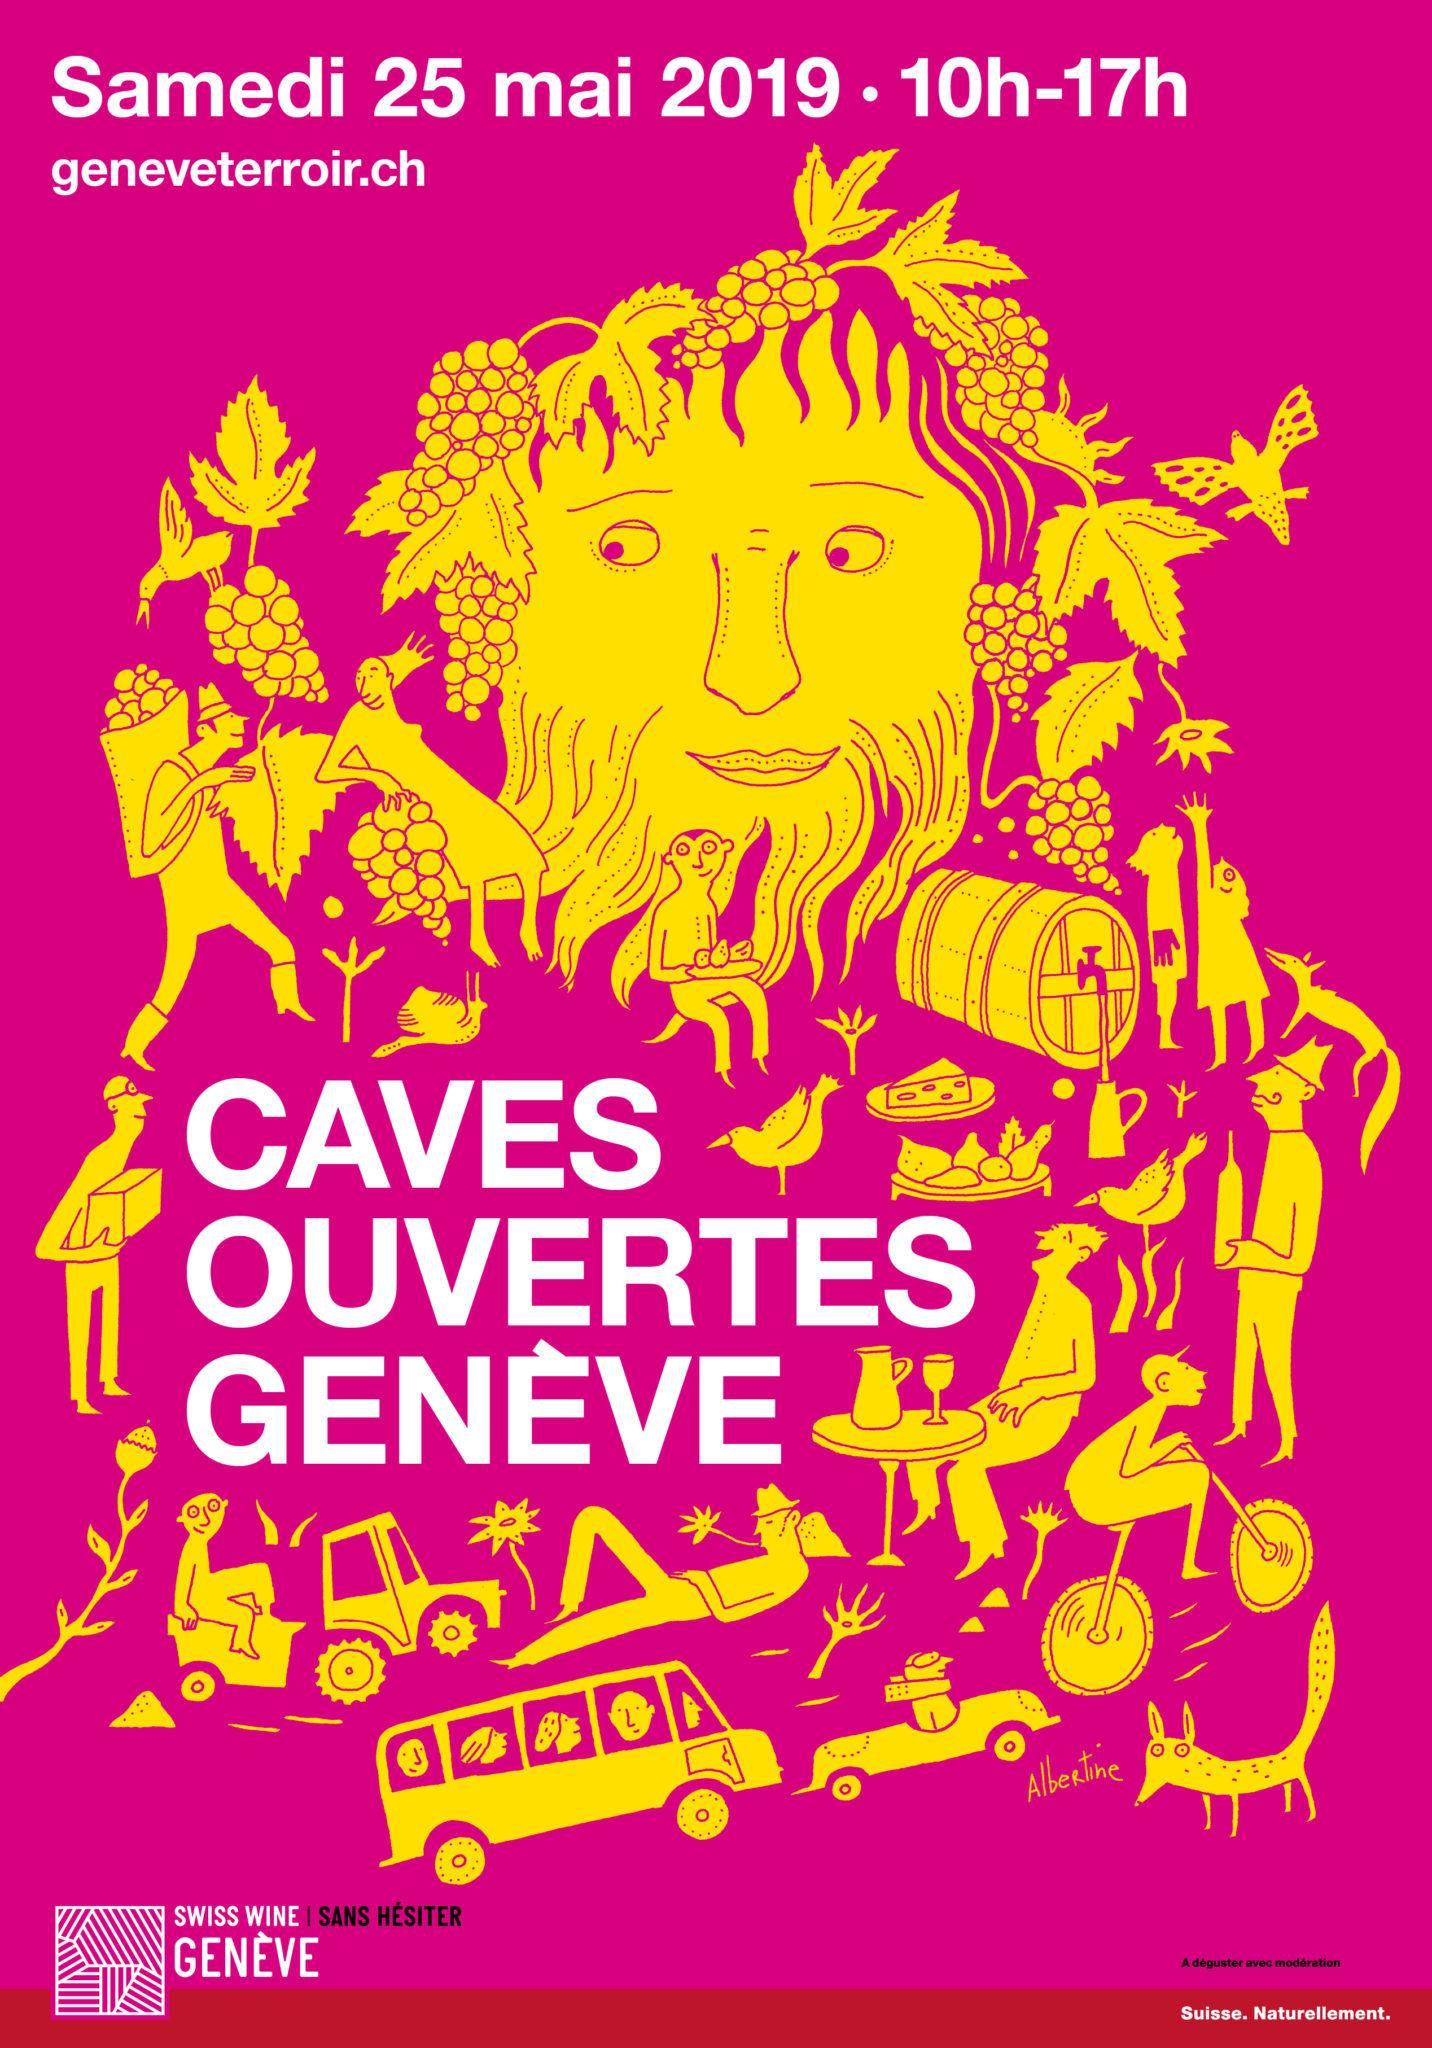 Albertine und EtienneEtienne kreieren das Visual für die Caves Ouvertes de Genève 2019